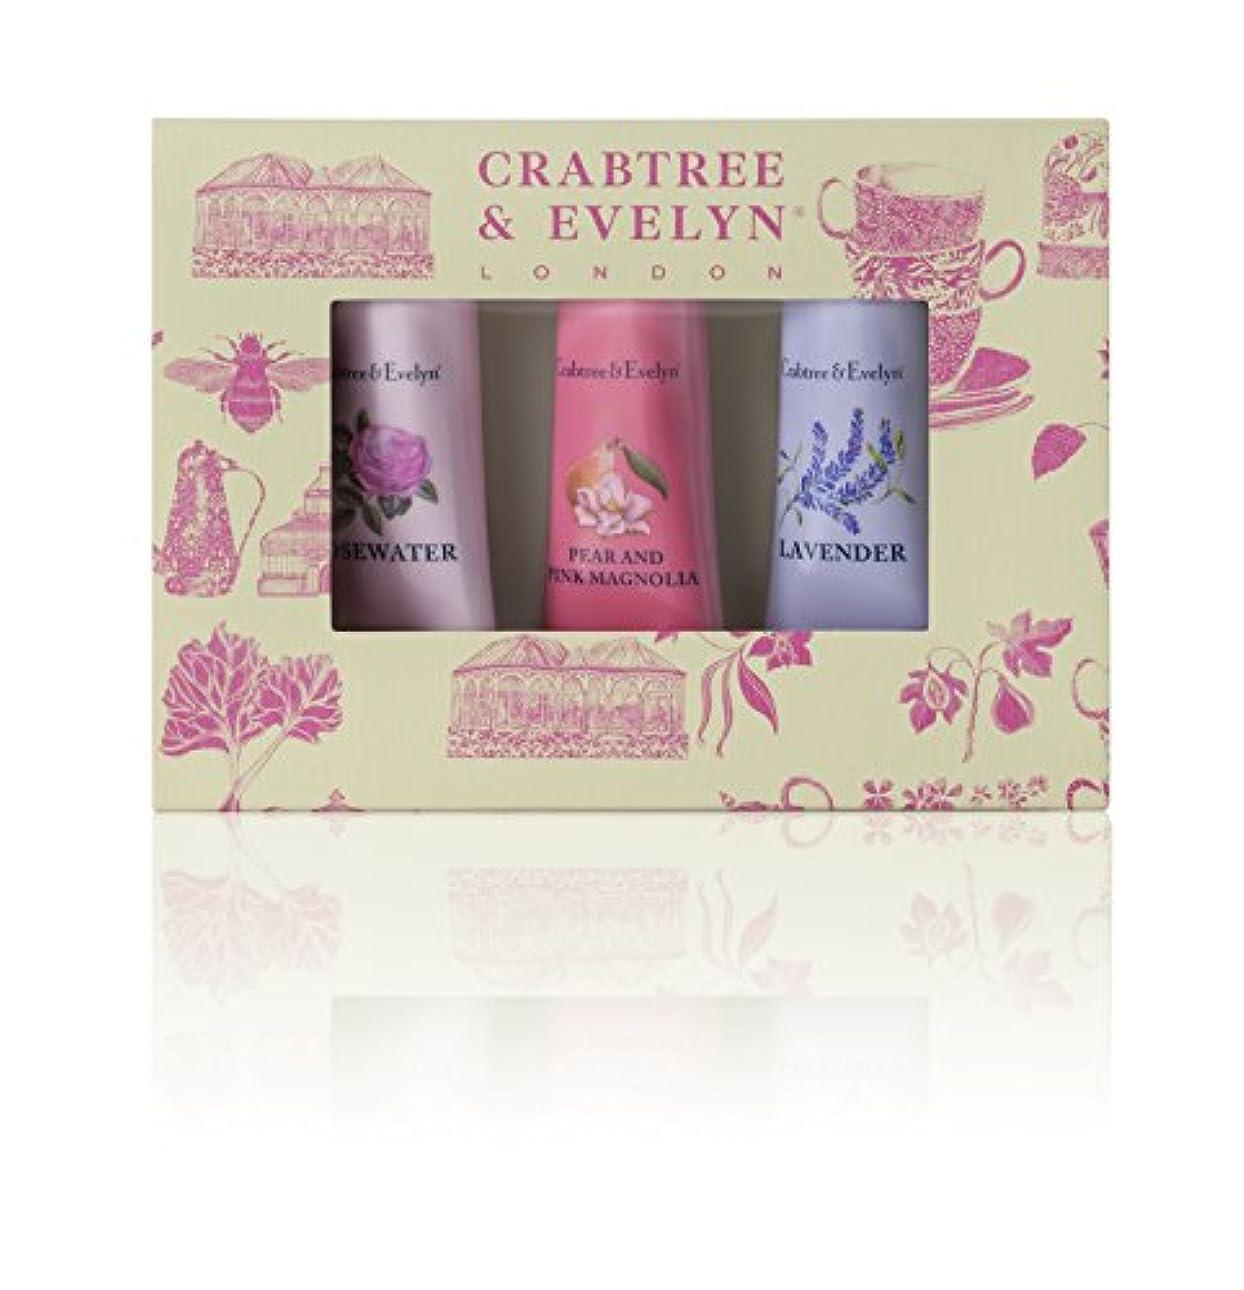 ブランド三ディスパッチクラブツリー&イヴリン Florals Hand Therapy Set (1x Pear & Pink Magnolia, 1x Rosewater, 1x Lavender) 3x25g/0.9oz並行輸入品